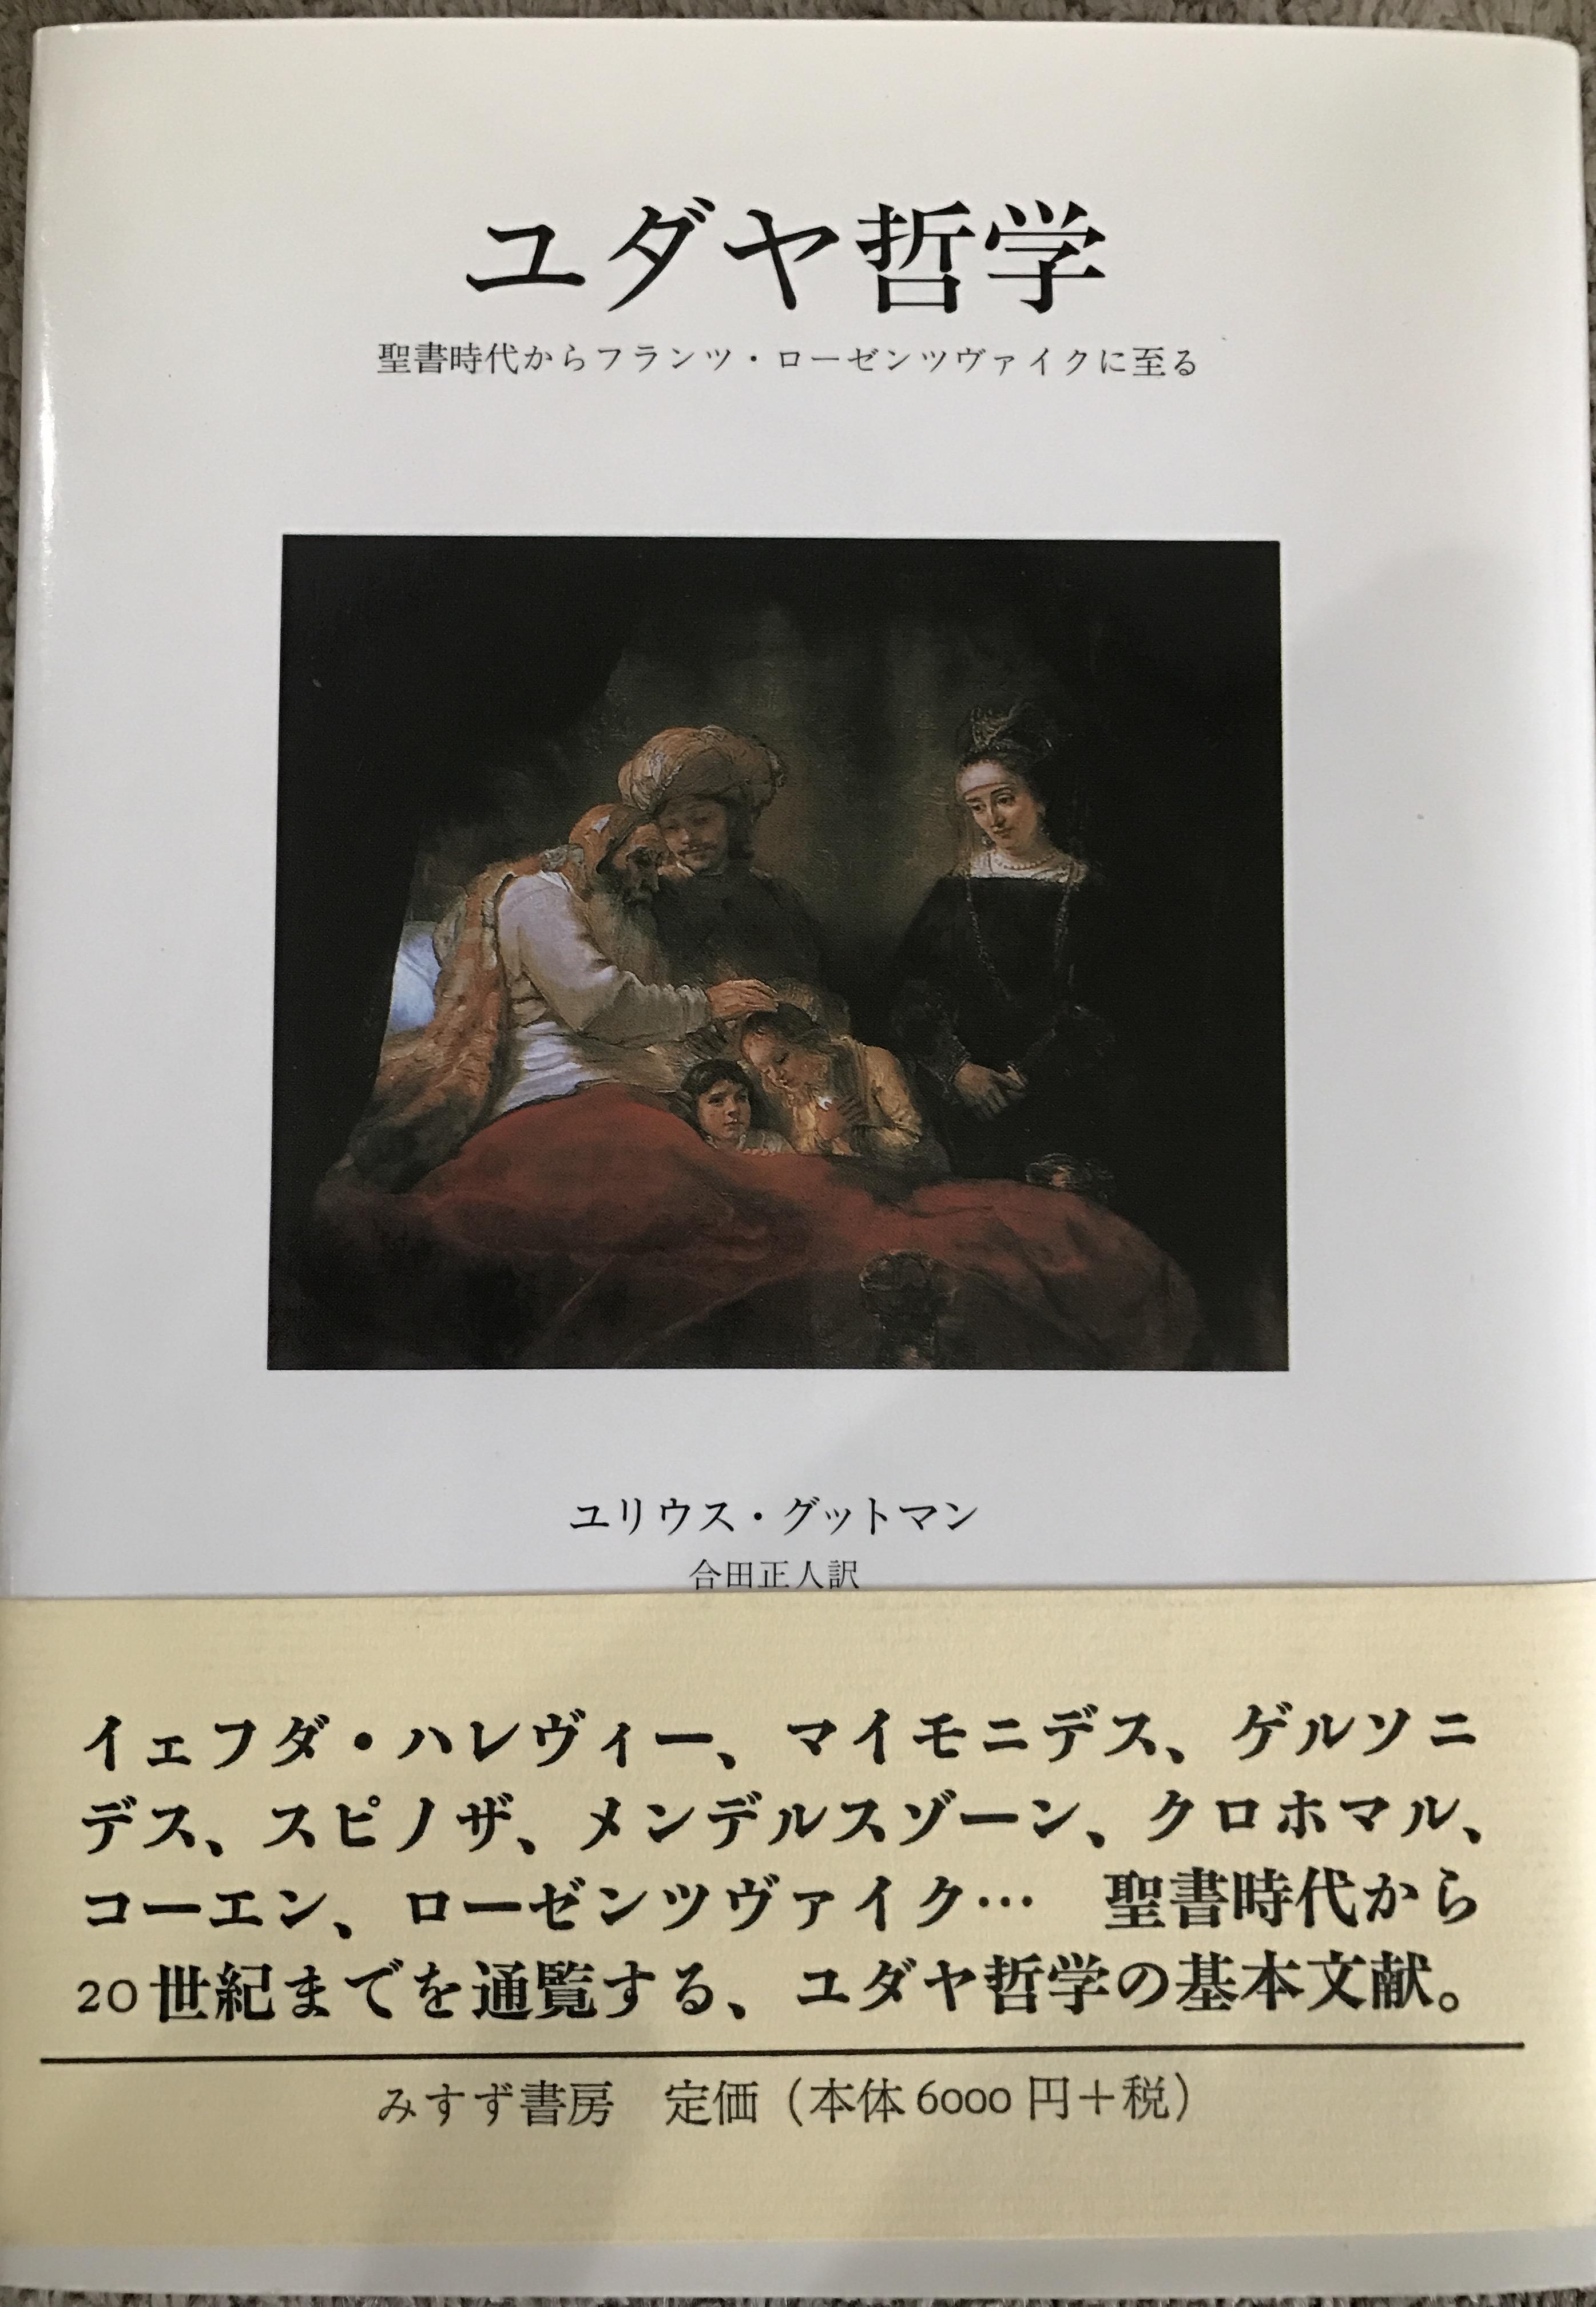 ユダヤ哲学 聖書時代からフランツ・ローゼンツヴァイクに至る  